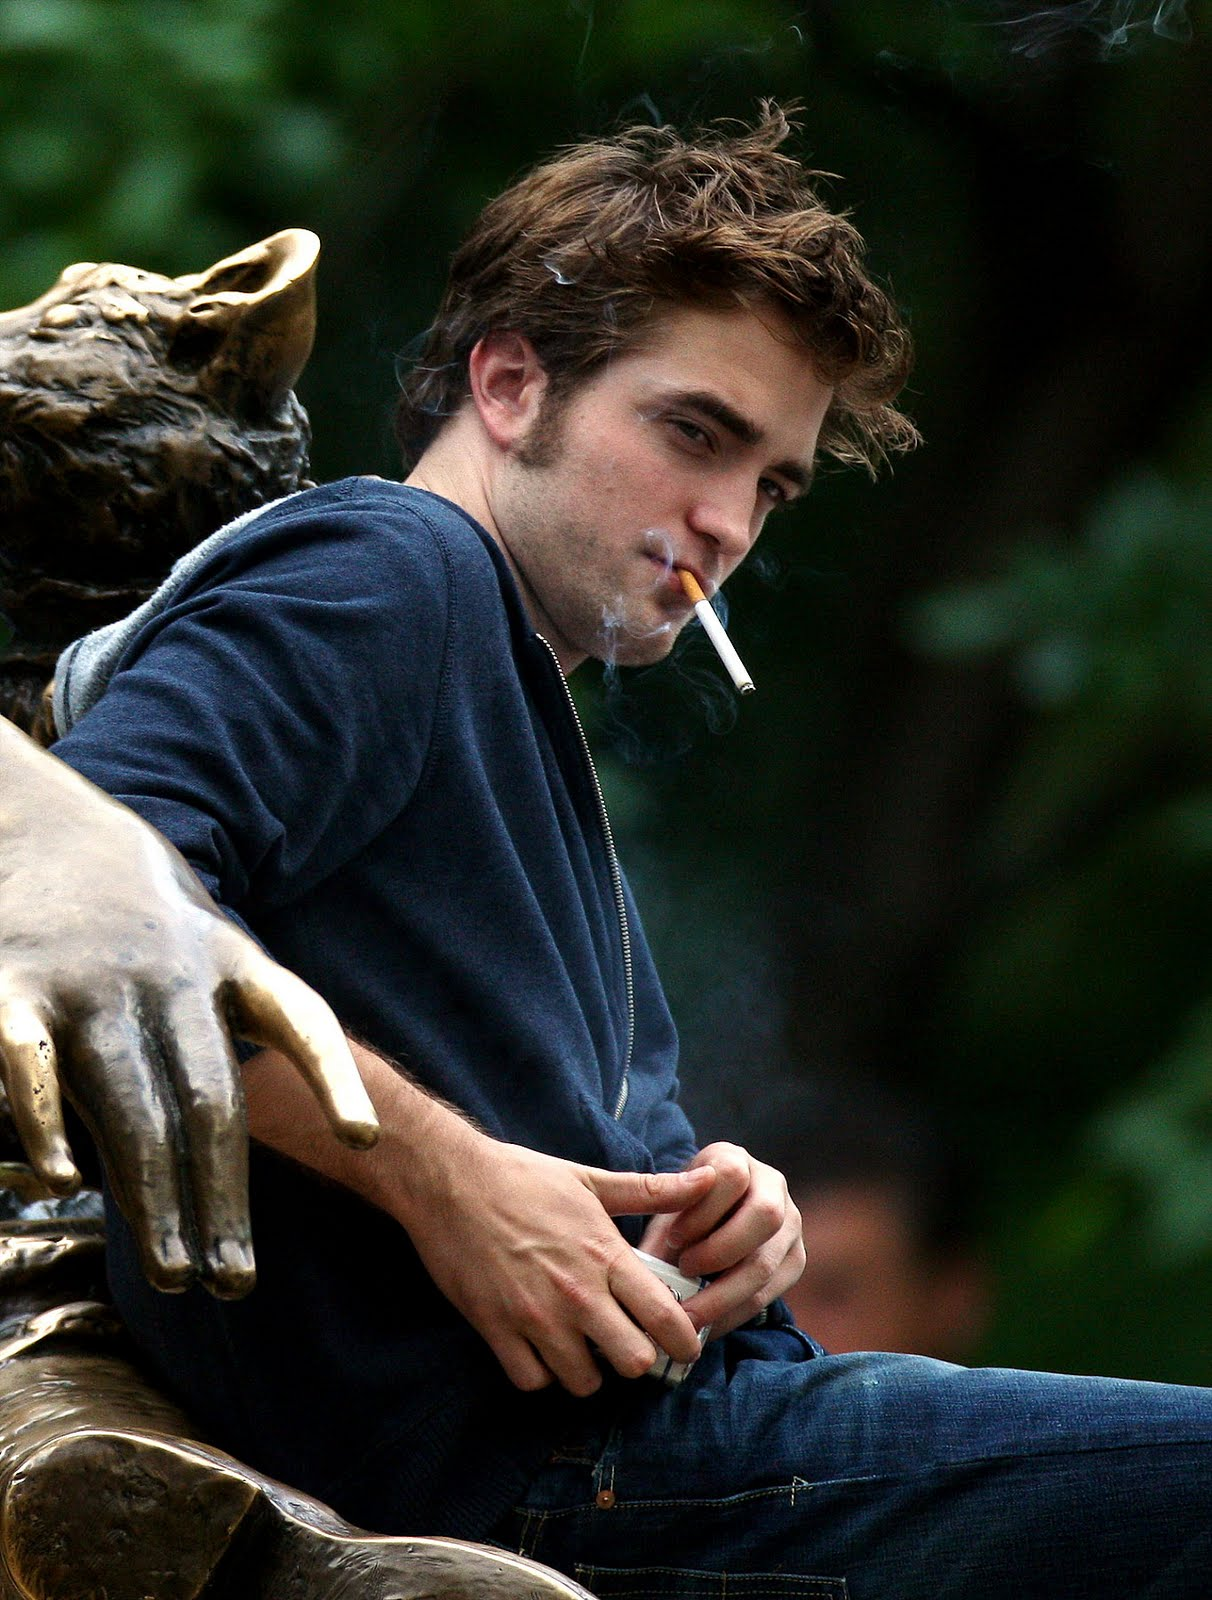 http://2.bp.blogspot.com/_3fYdlyL9PrY/S6ykdO8LgOI/AAAAAAAABkM/yNG3d1lEUQk/s1600/tyler-smoking_5.jpg